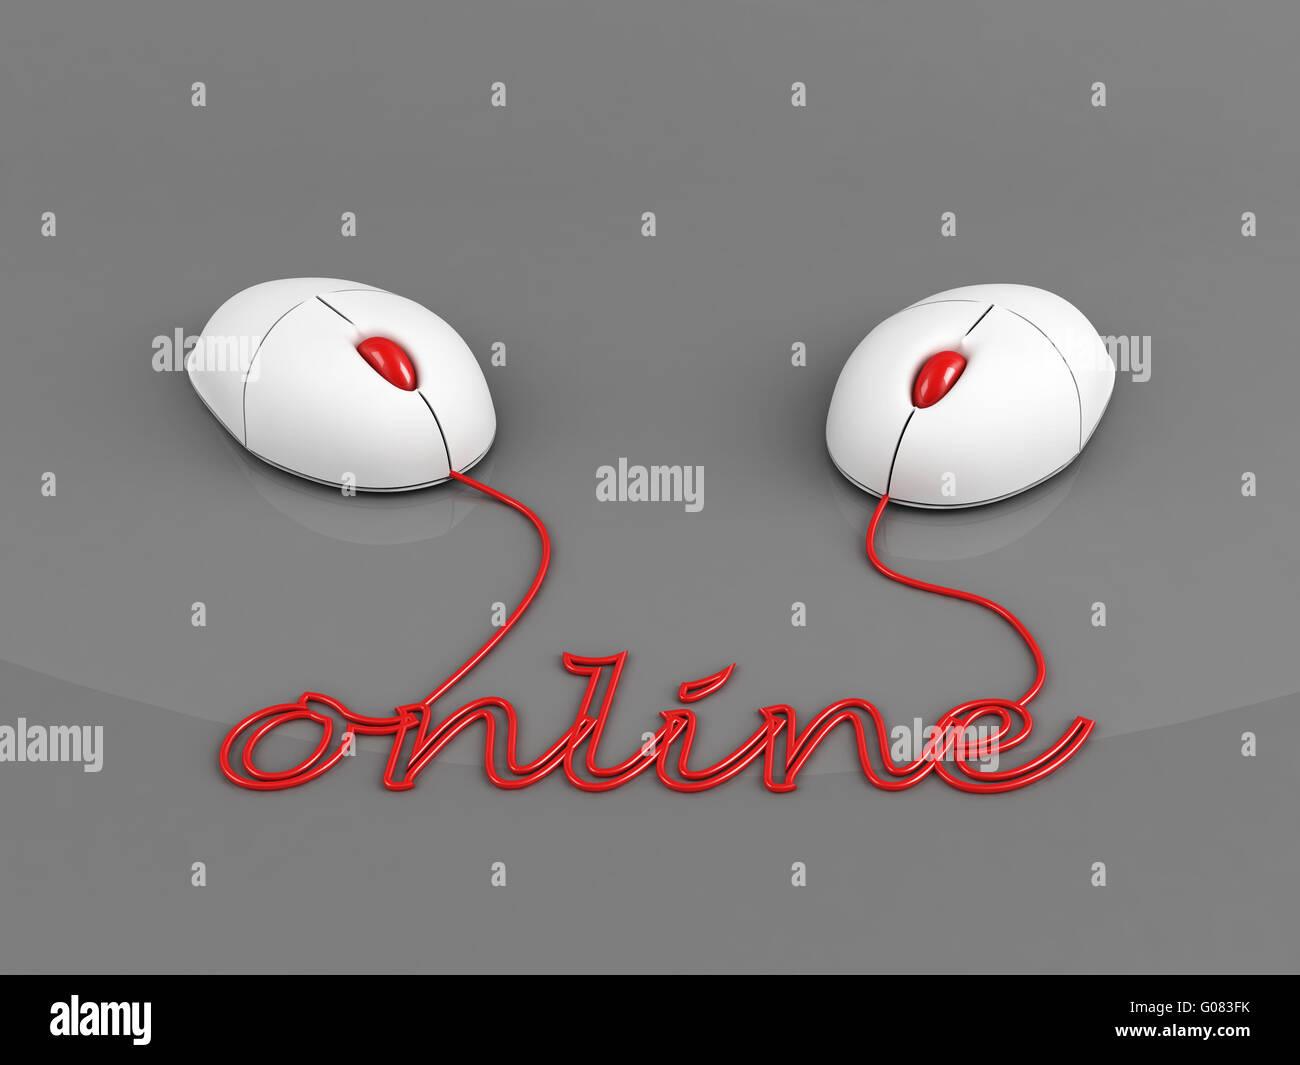 Il collegamento on-line concetto su sfondo grigio Immagini Stock